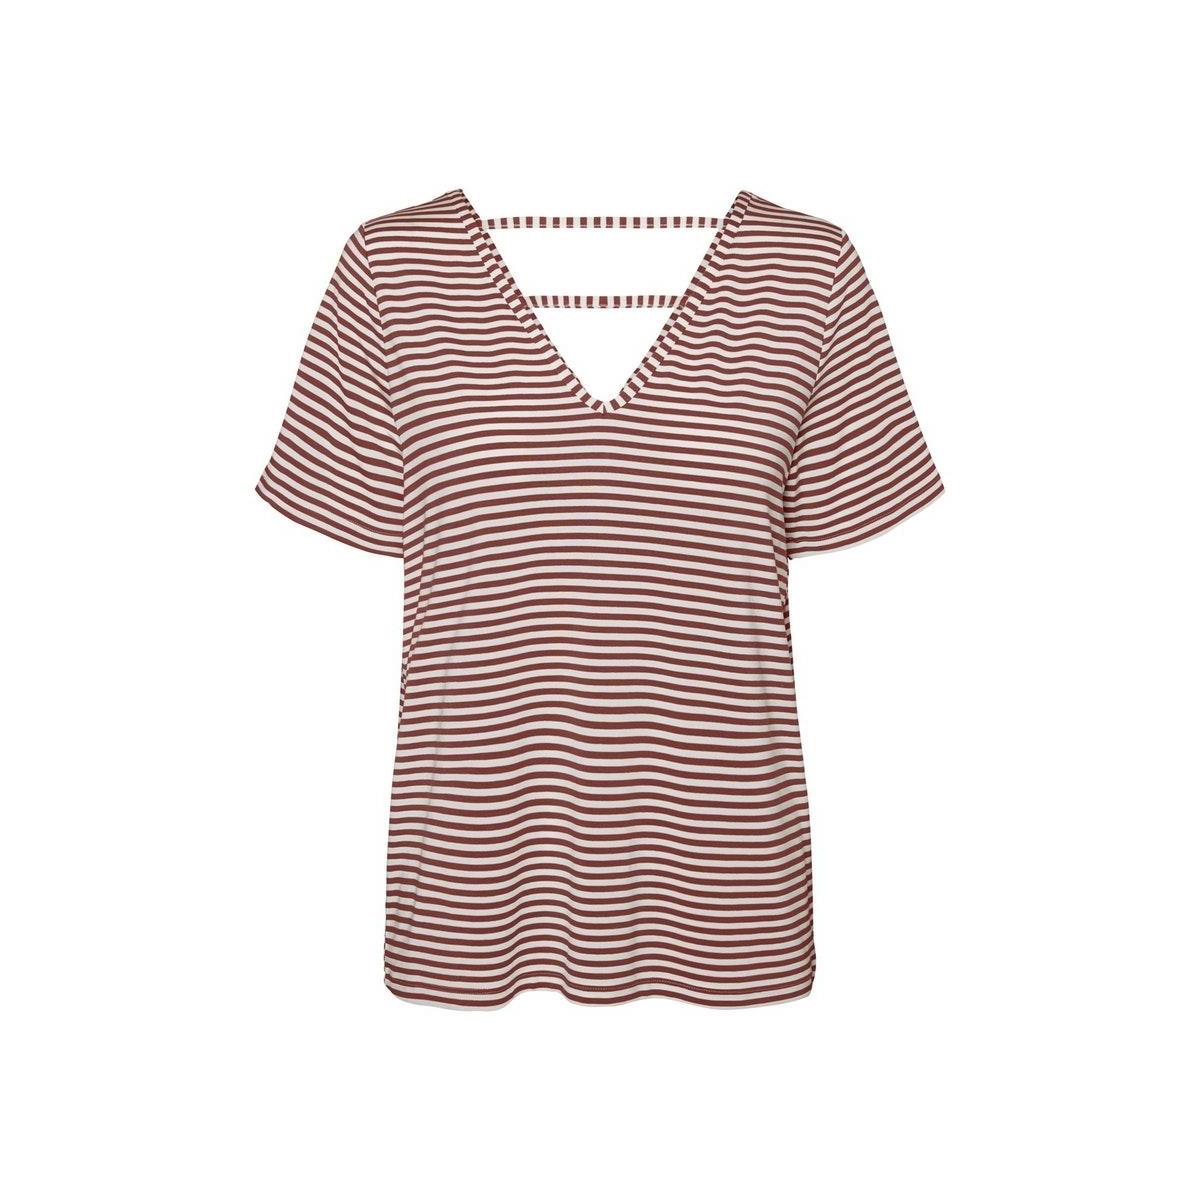 vmpolly ss top jrs 10230884 vero moda t-shirt snow white/sable